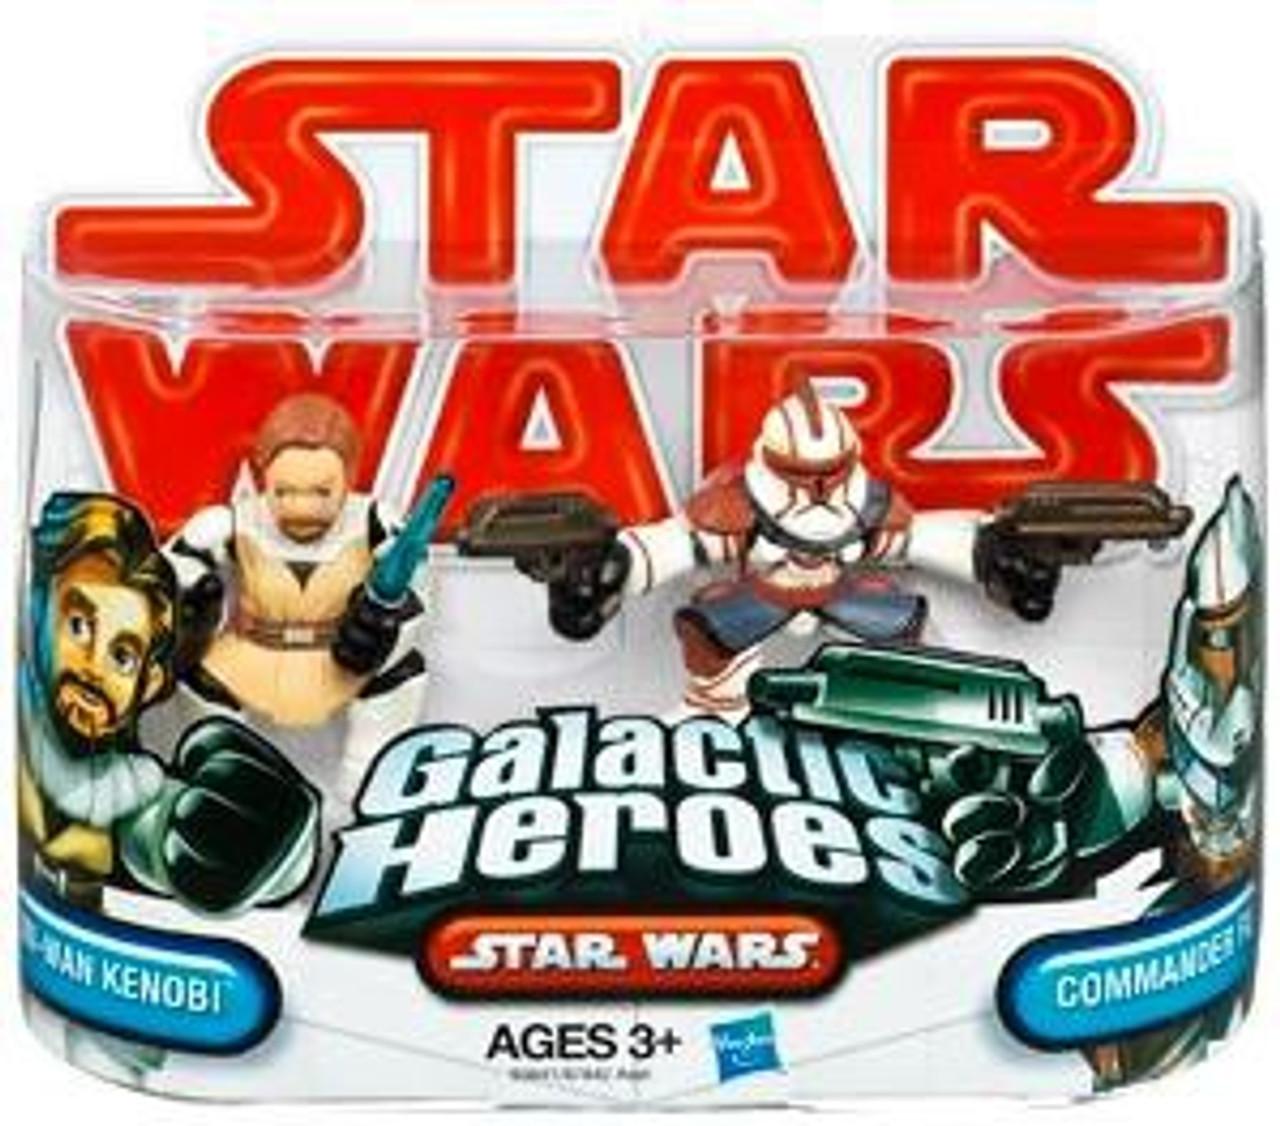 Star Wars Attack of the Clones Galactic Heroes 2009 Obi-Wan Kenobi & Commander Fil Mini Figure 2-Pack